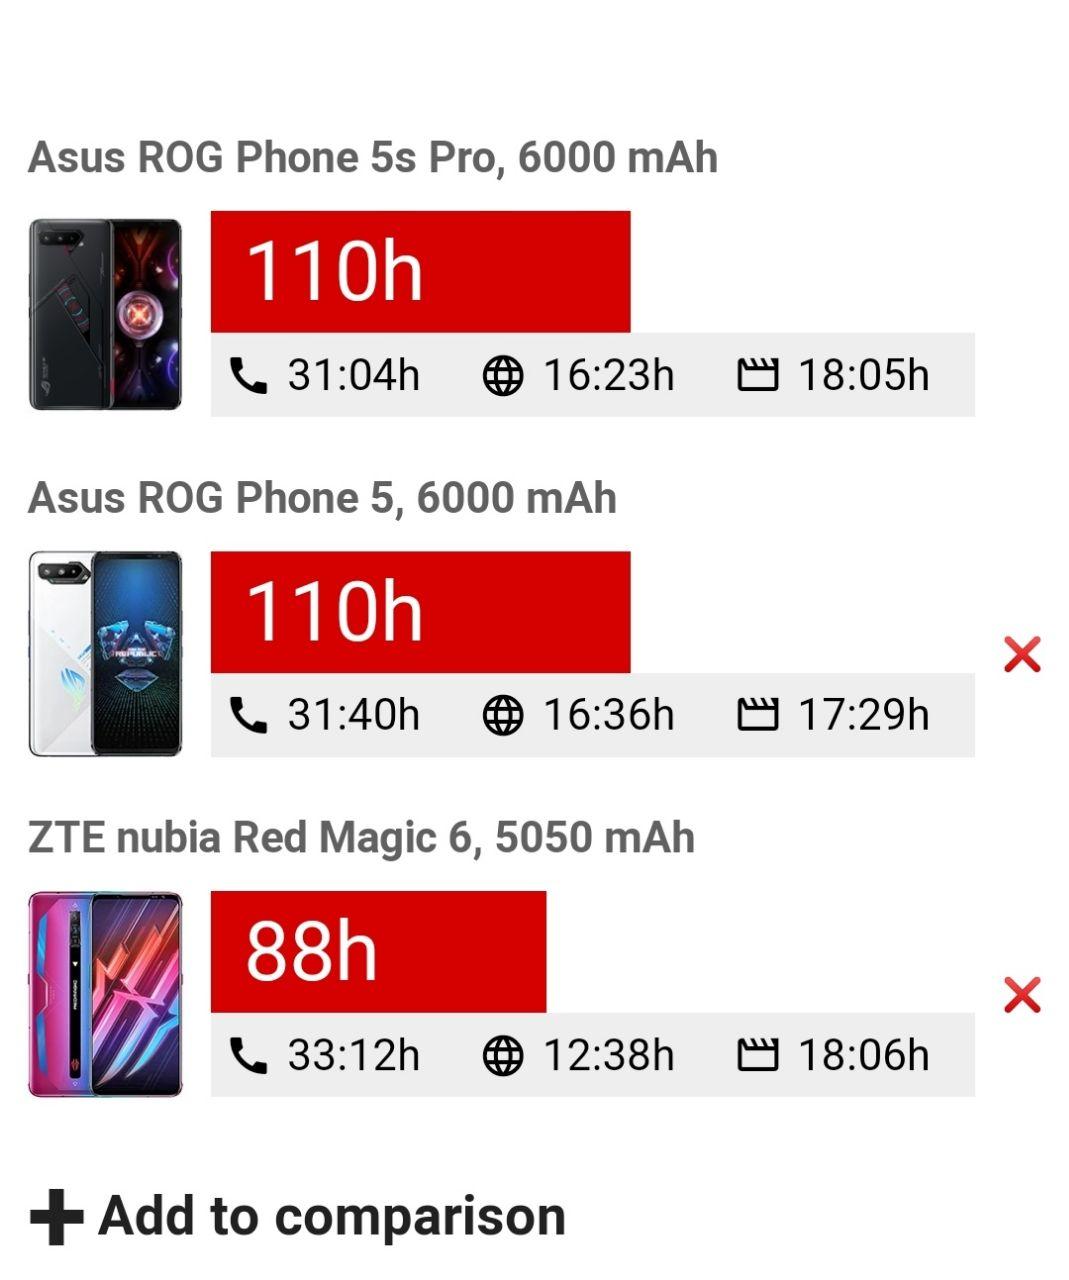 مقایسه عمر باتری ROG Phone 5S Pro